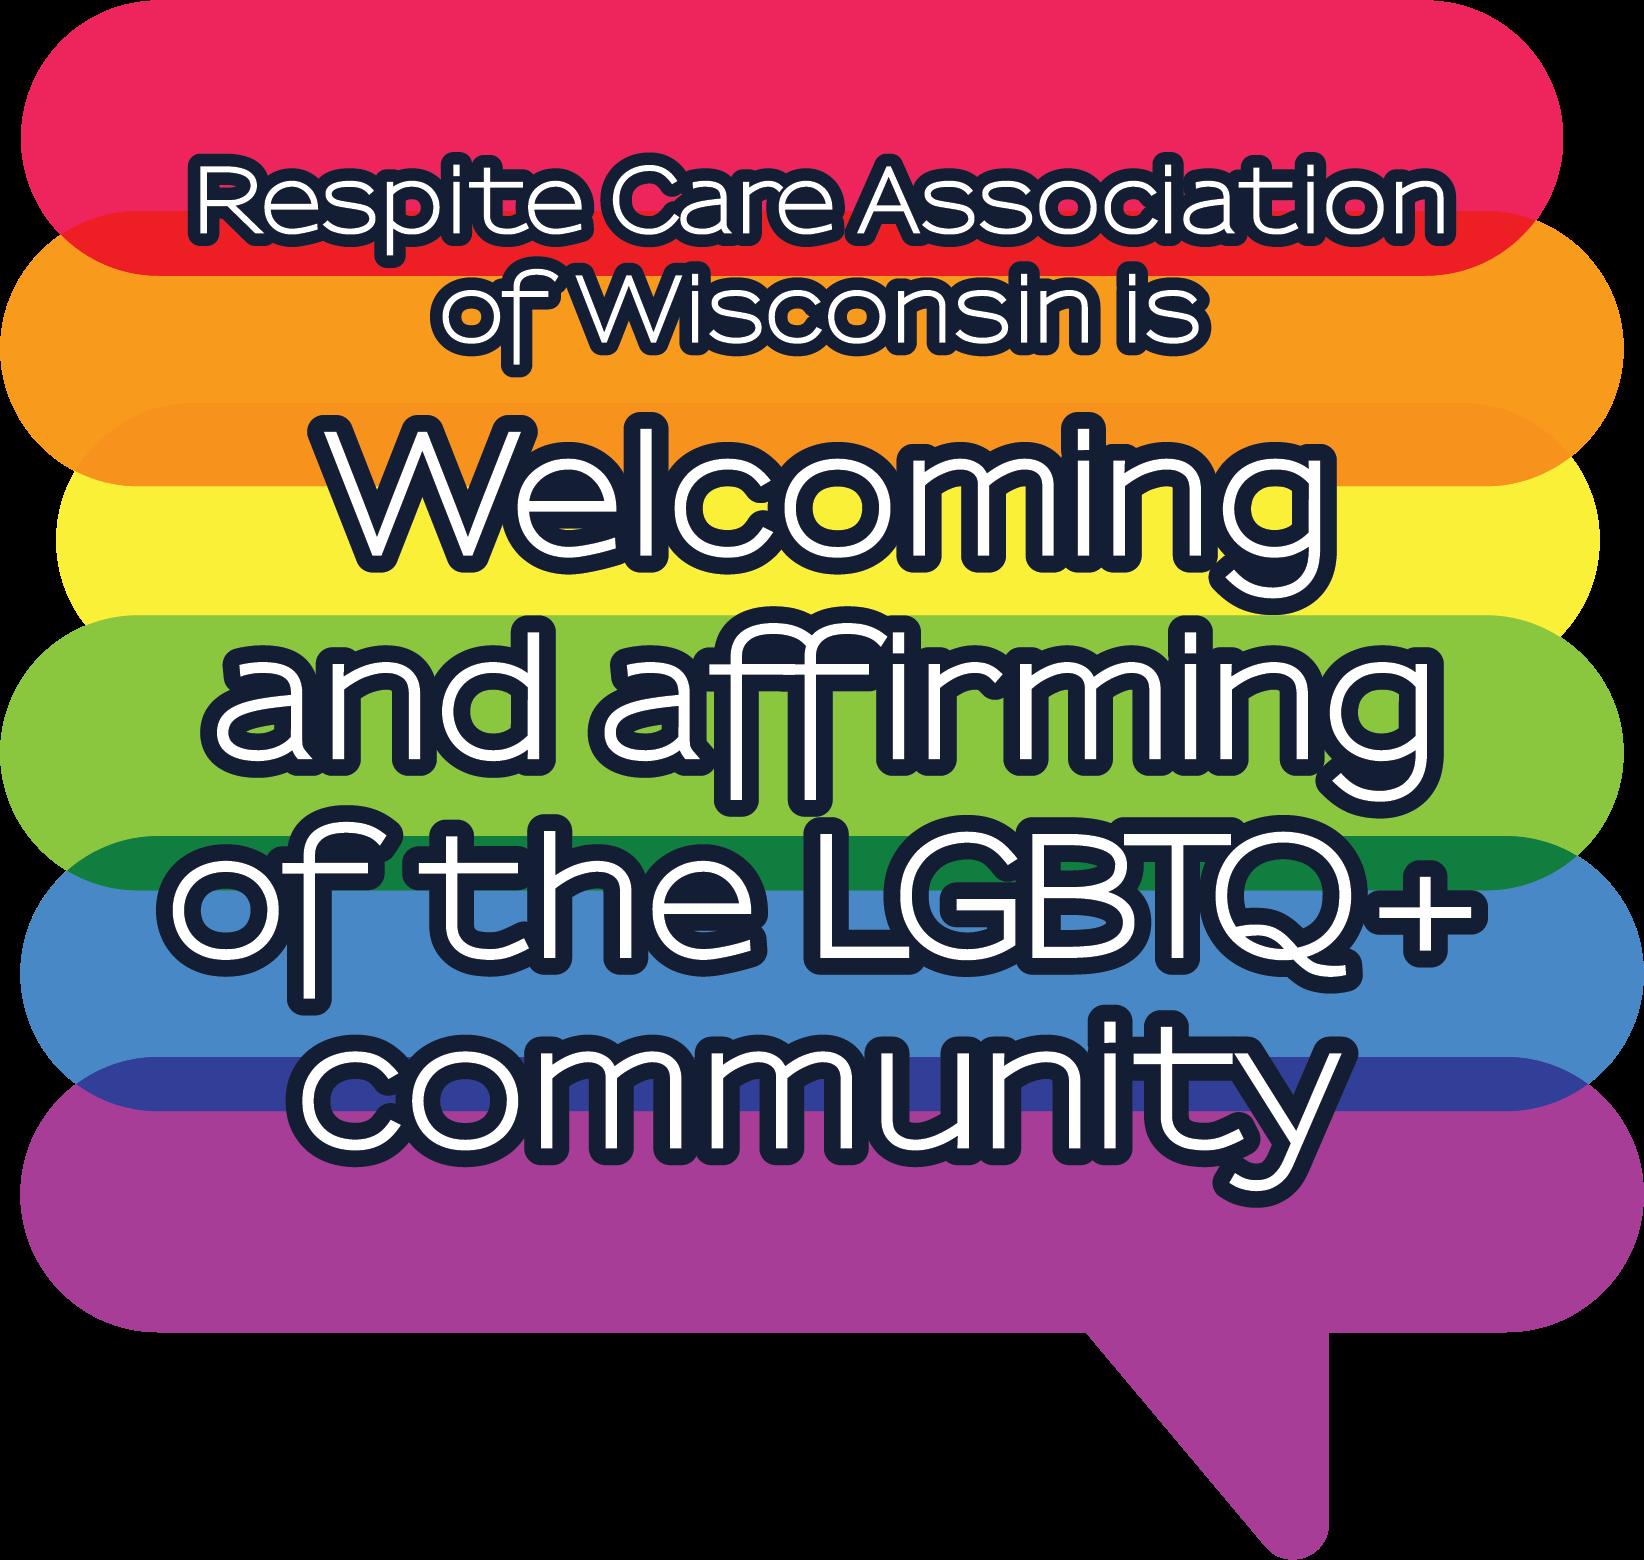 RCAW LGBTQ